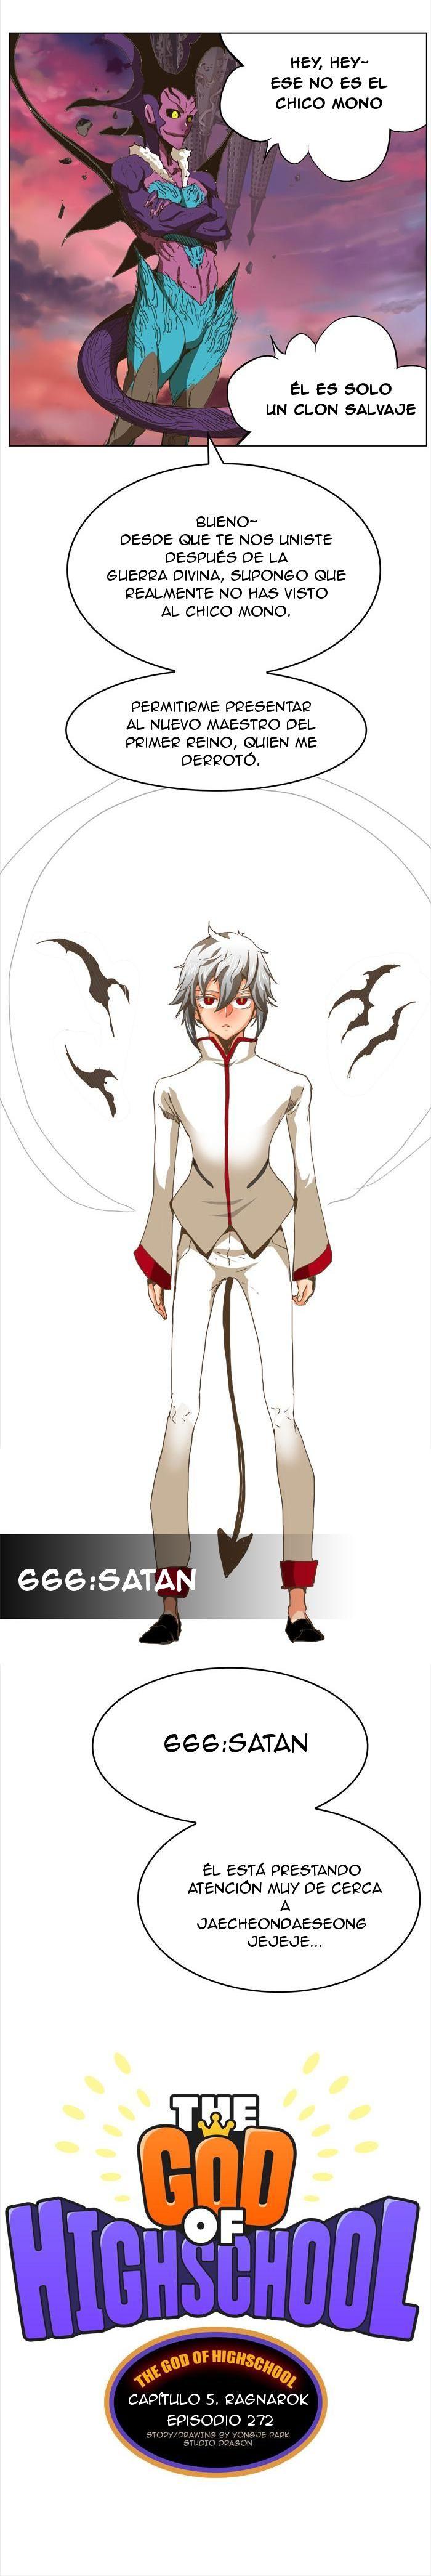 http://c5.ninemanga.com/es_manga/pic2/37/485/494564/521eae94653641ec7be496db736ce3f6.jpg Page 3